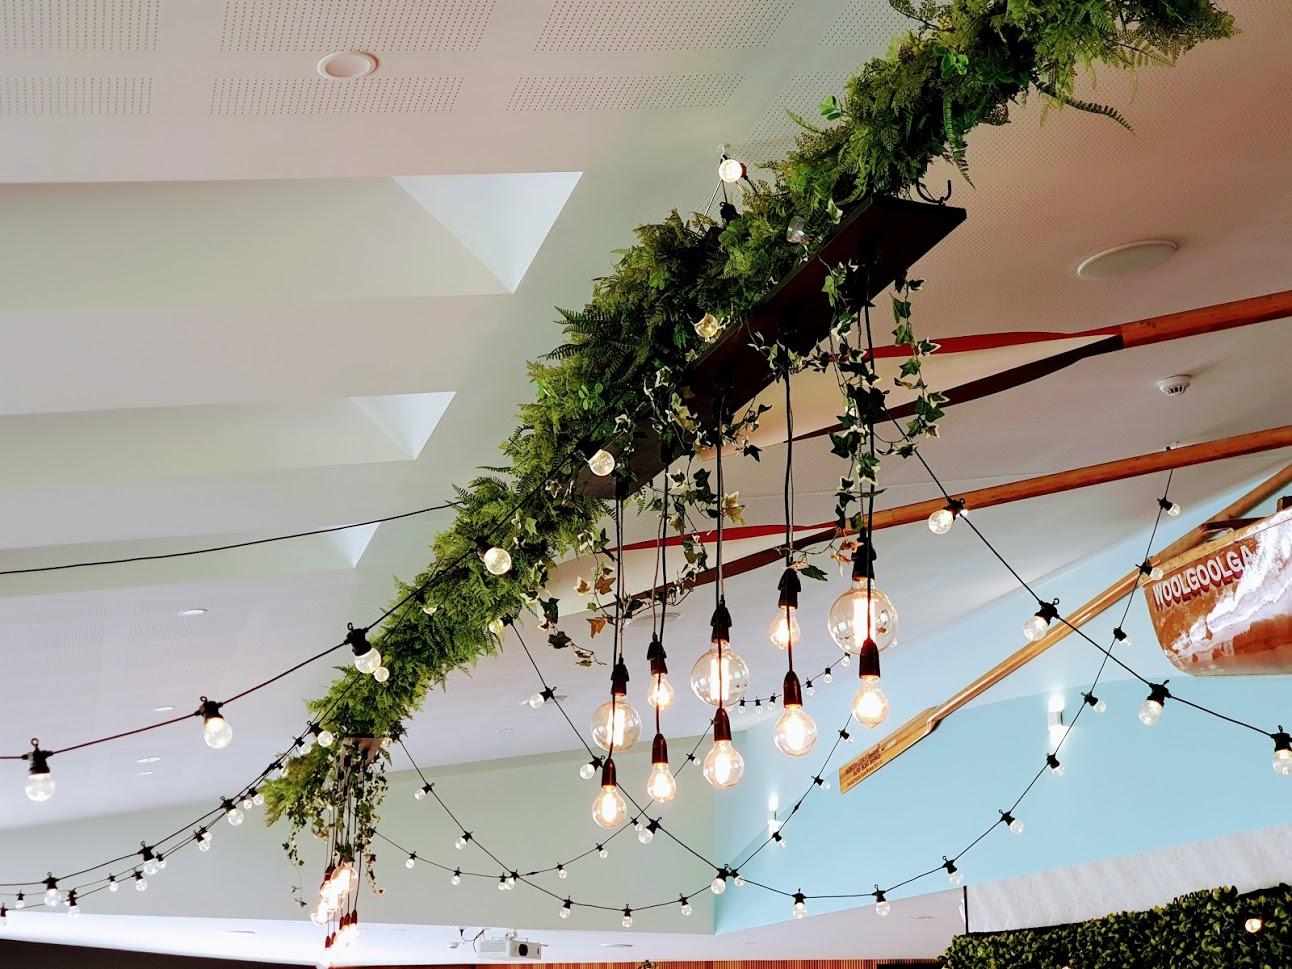 Woolgoolga surf ceiling Edison lighting chandelier, ivy & fern greenery